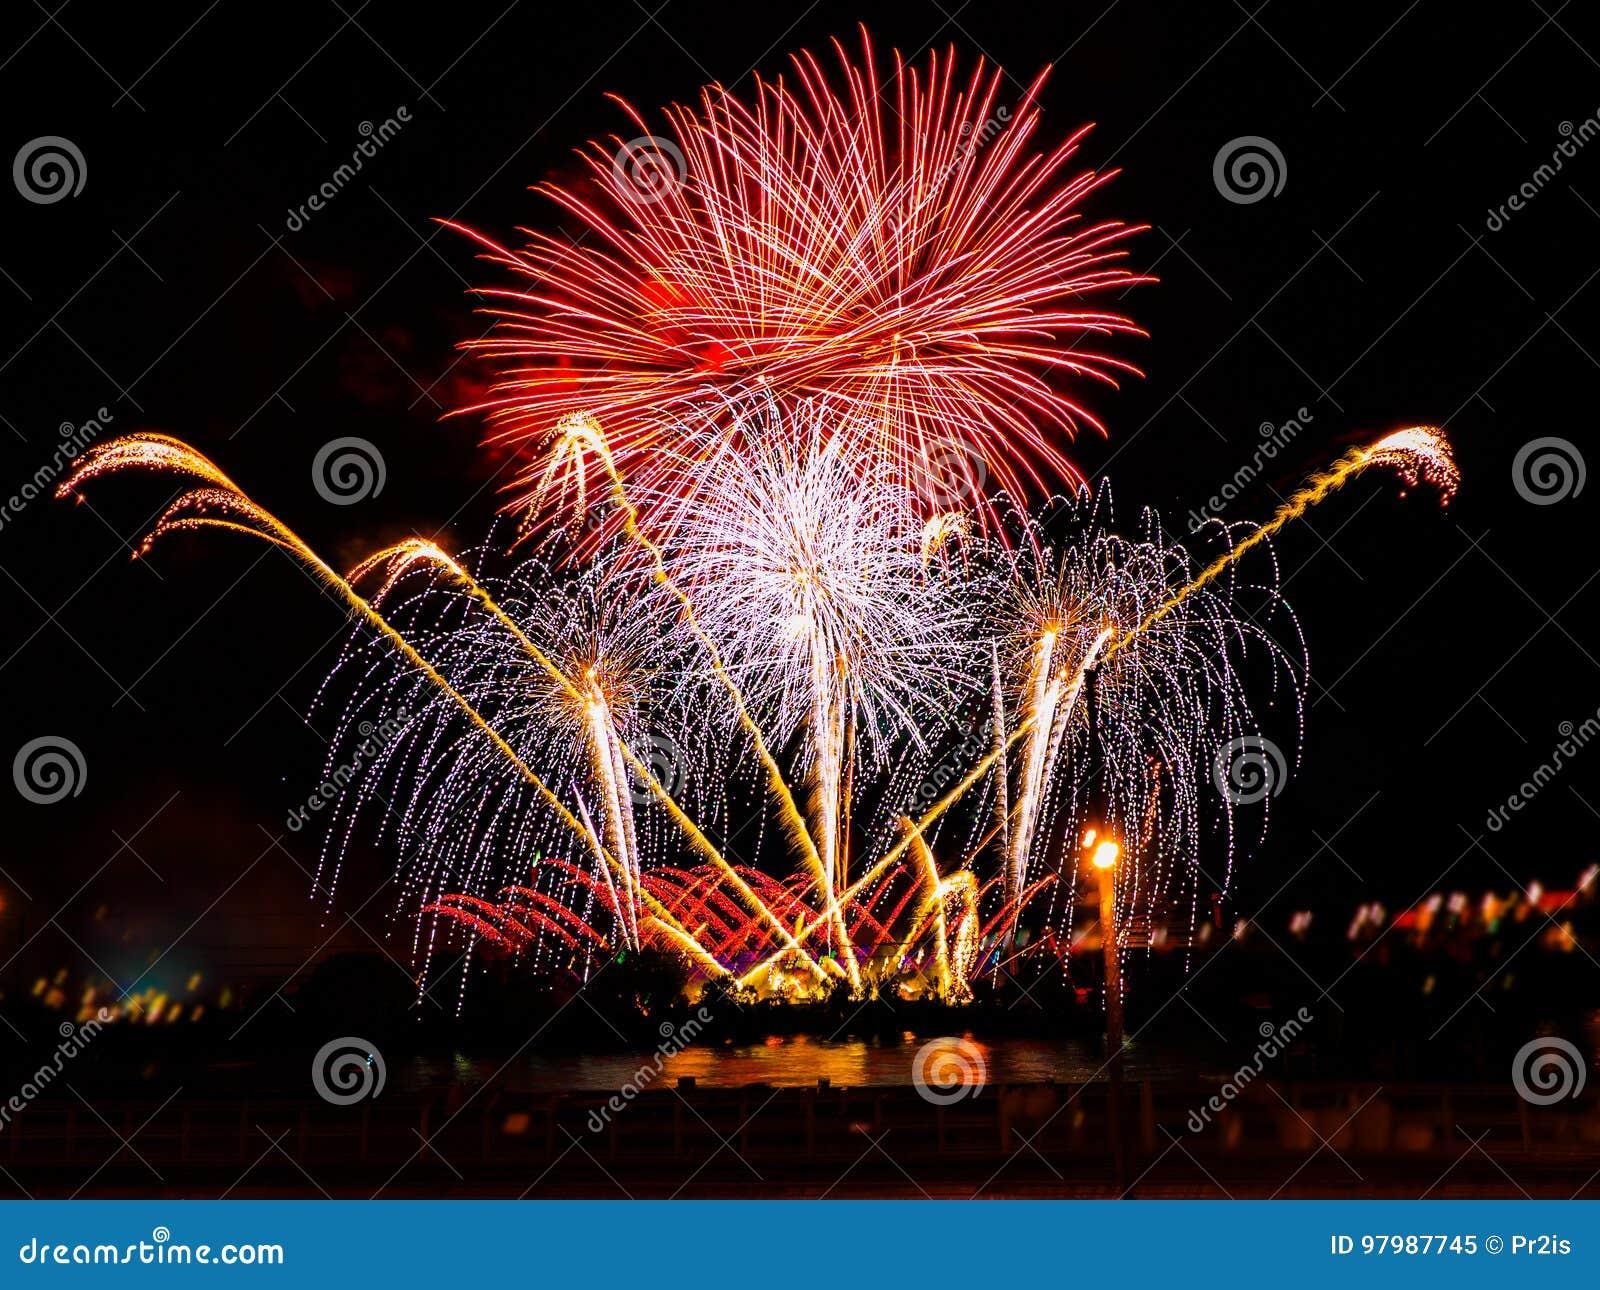 Fuegos artificiales coloridos con explosiones múltiples contra el cielo oscuro